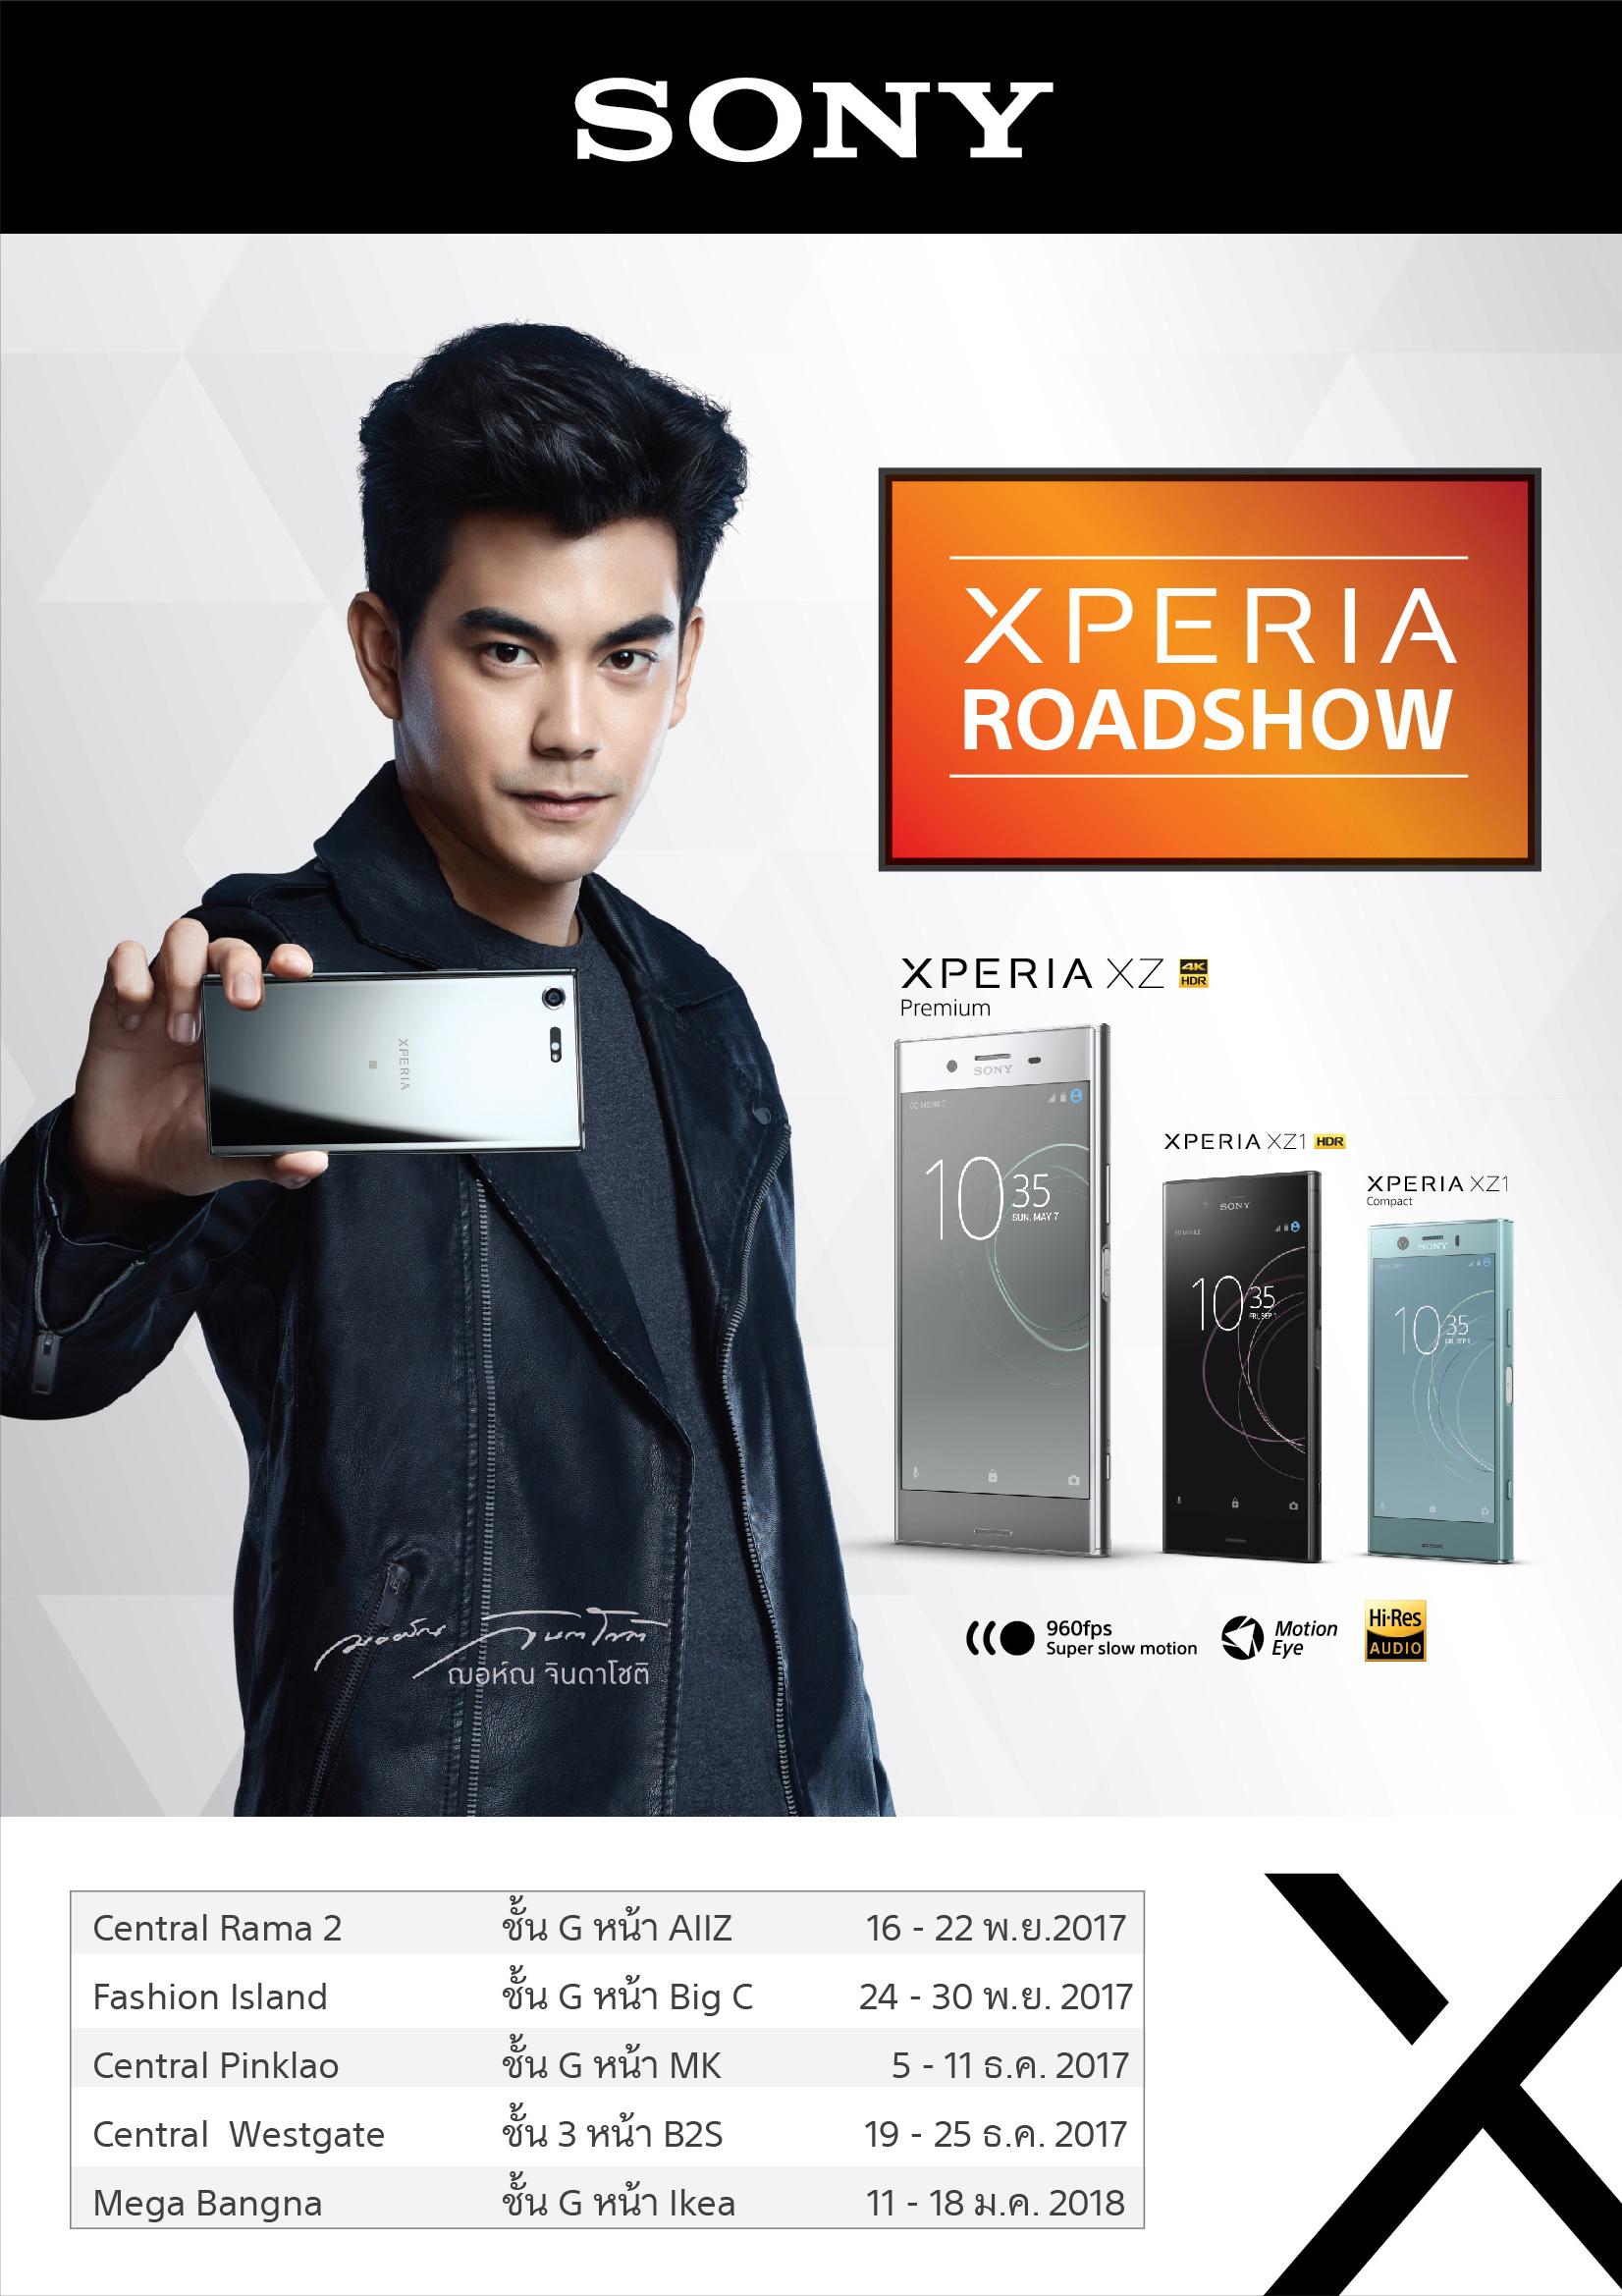 Sony Xperia Roadshow